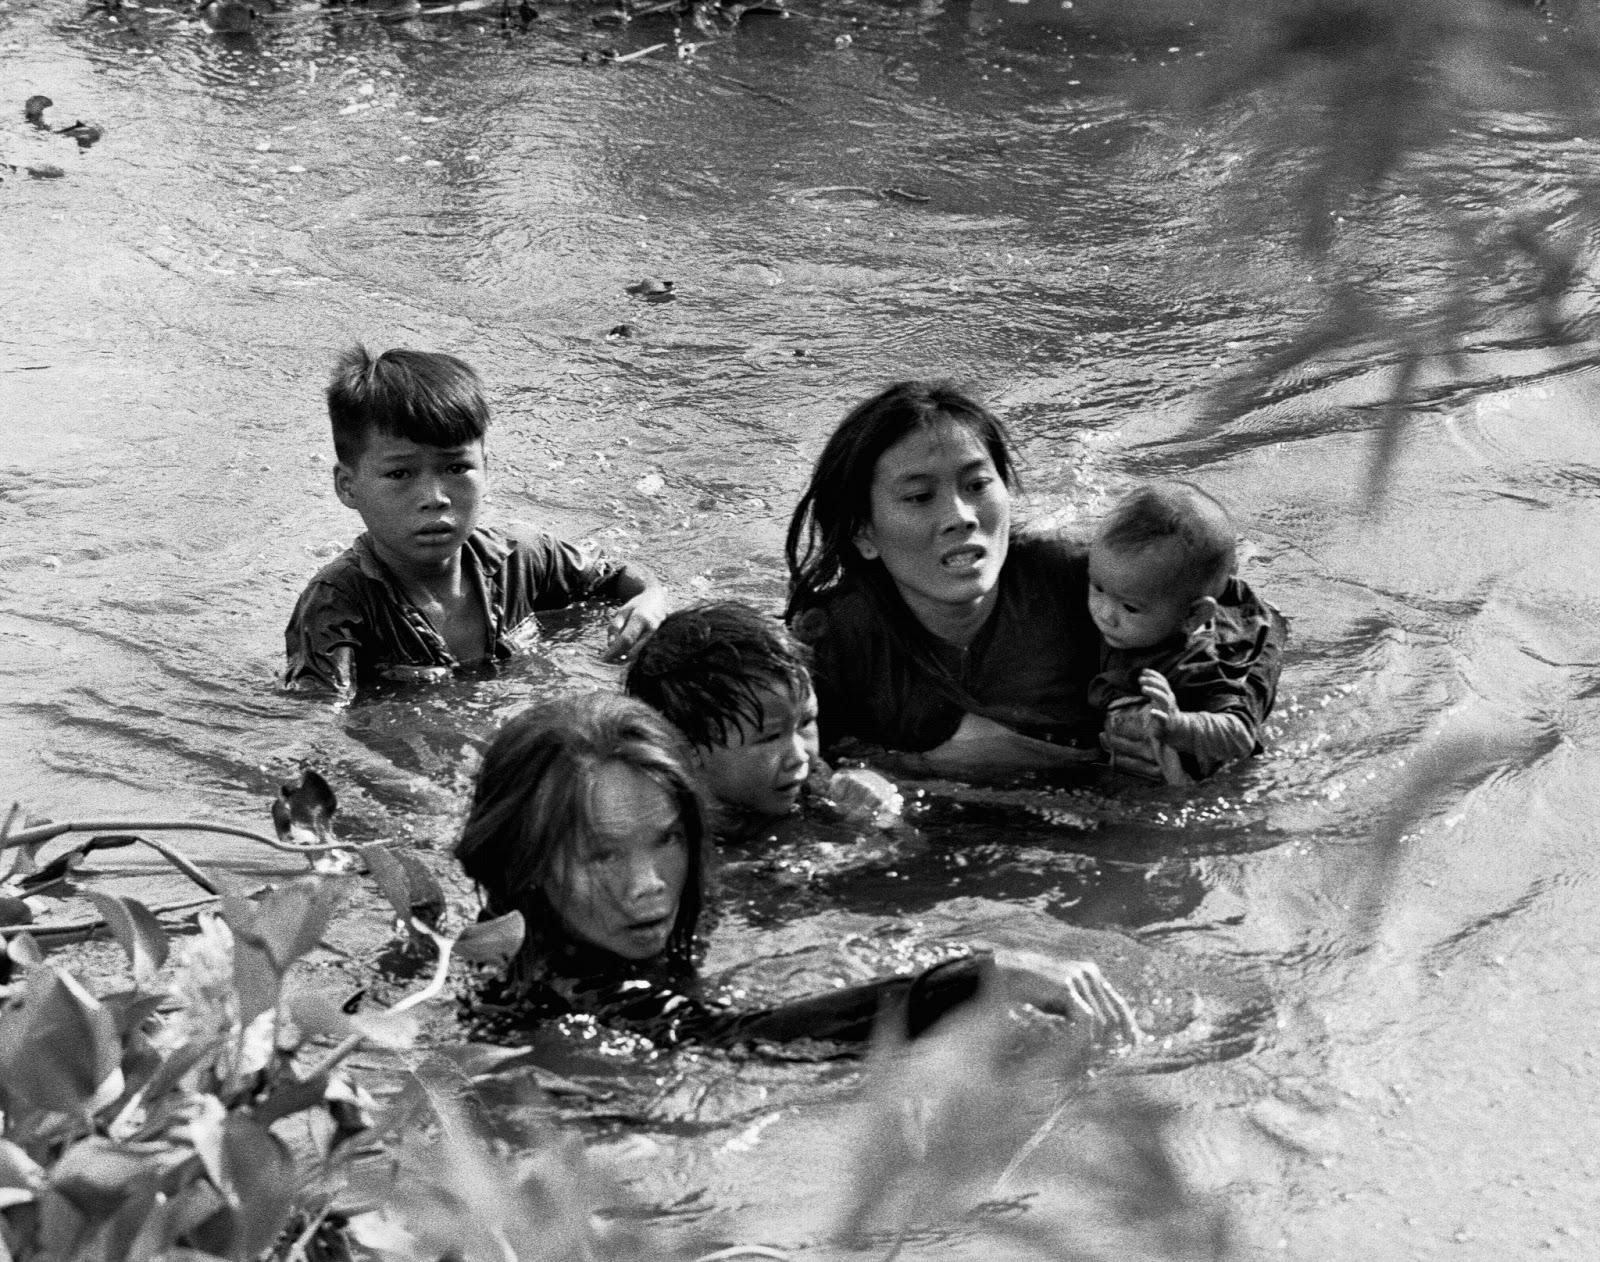 cambodge histoire guerre-